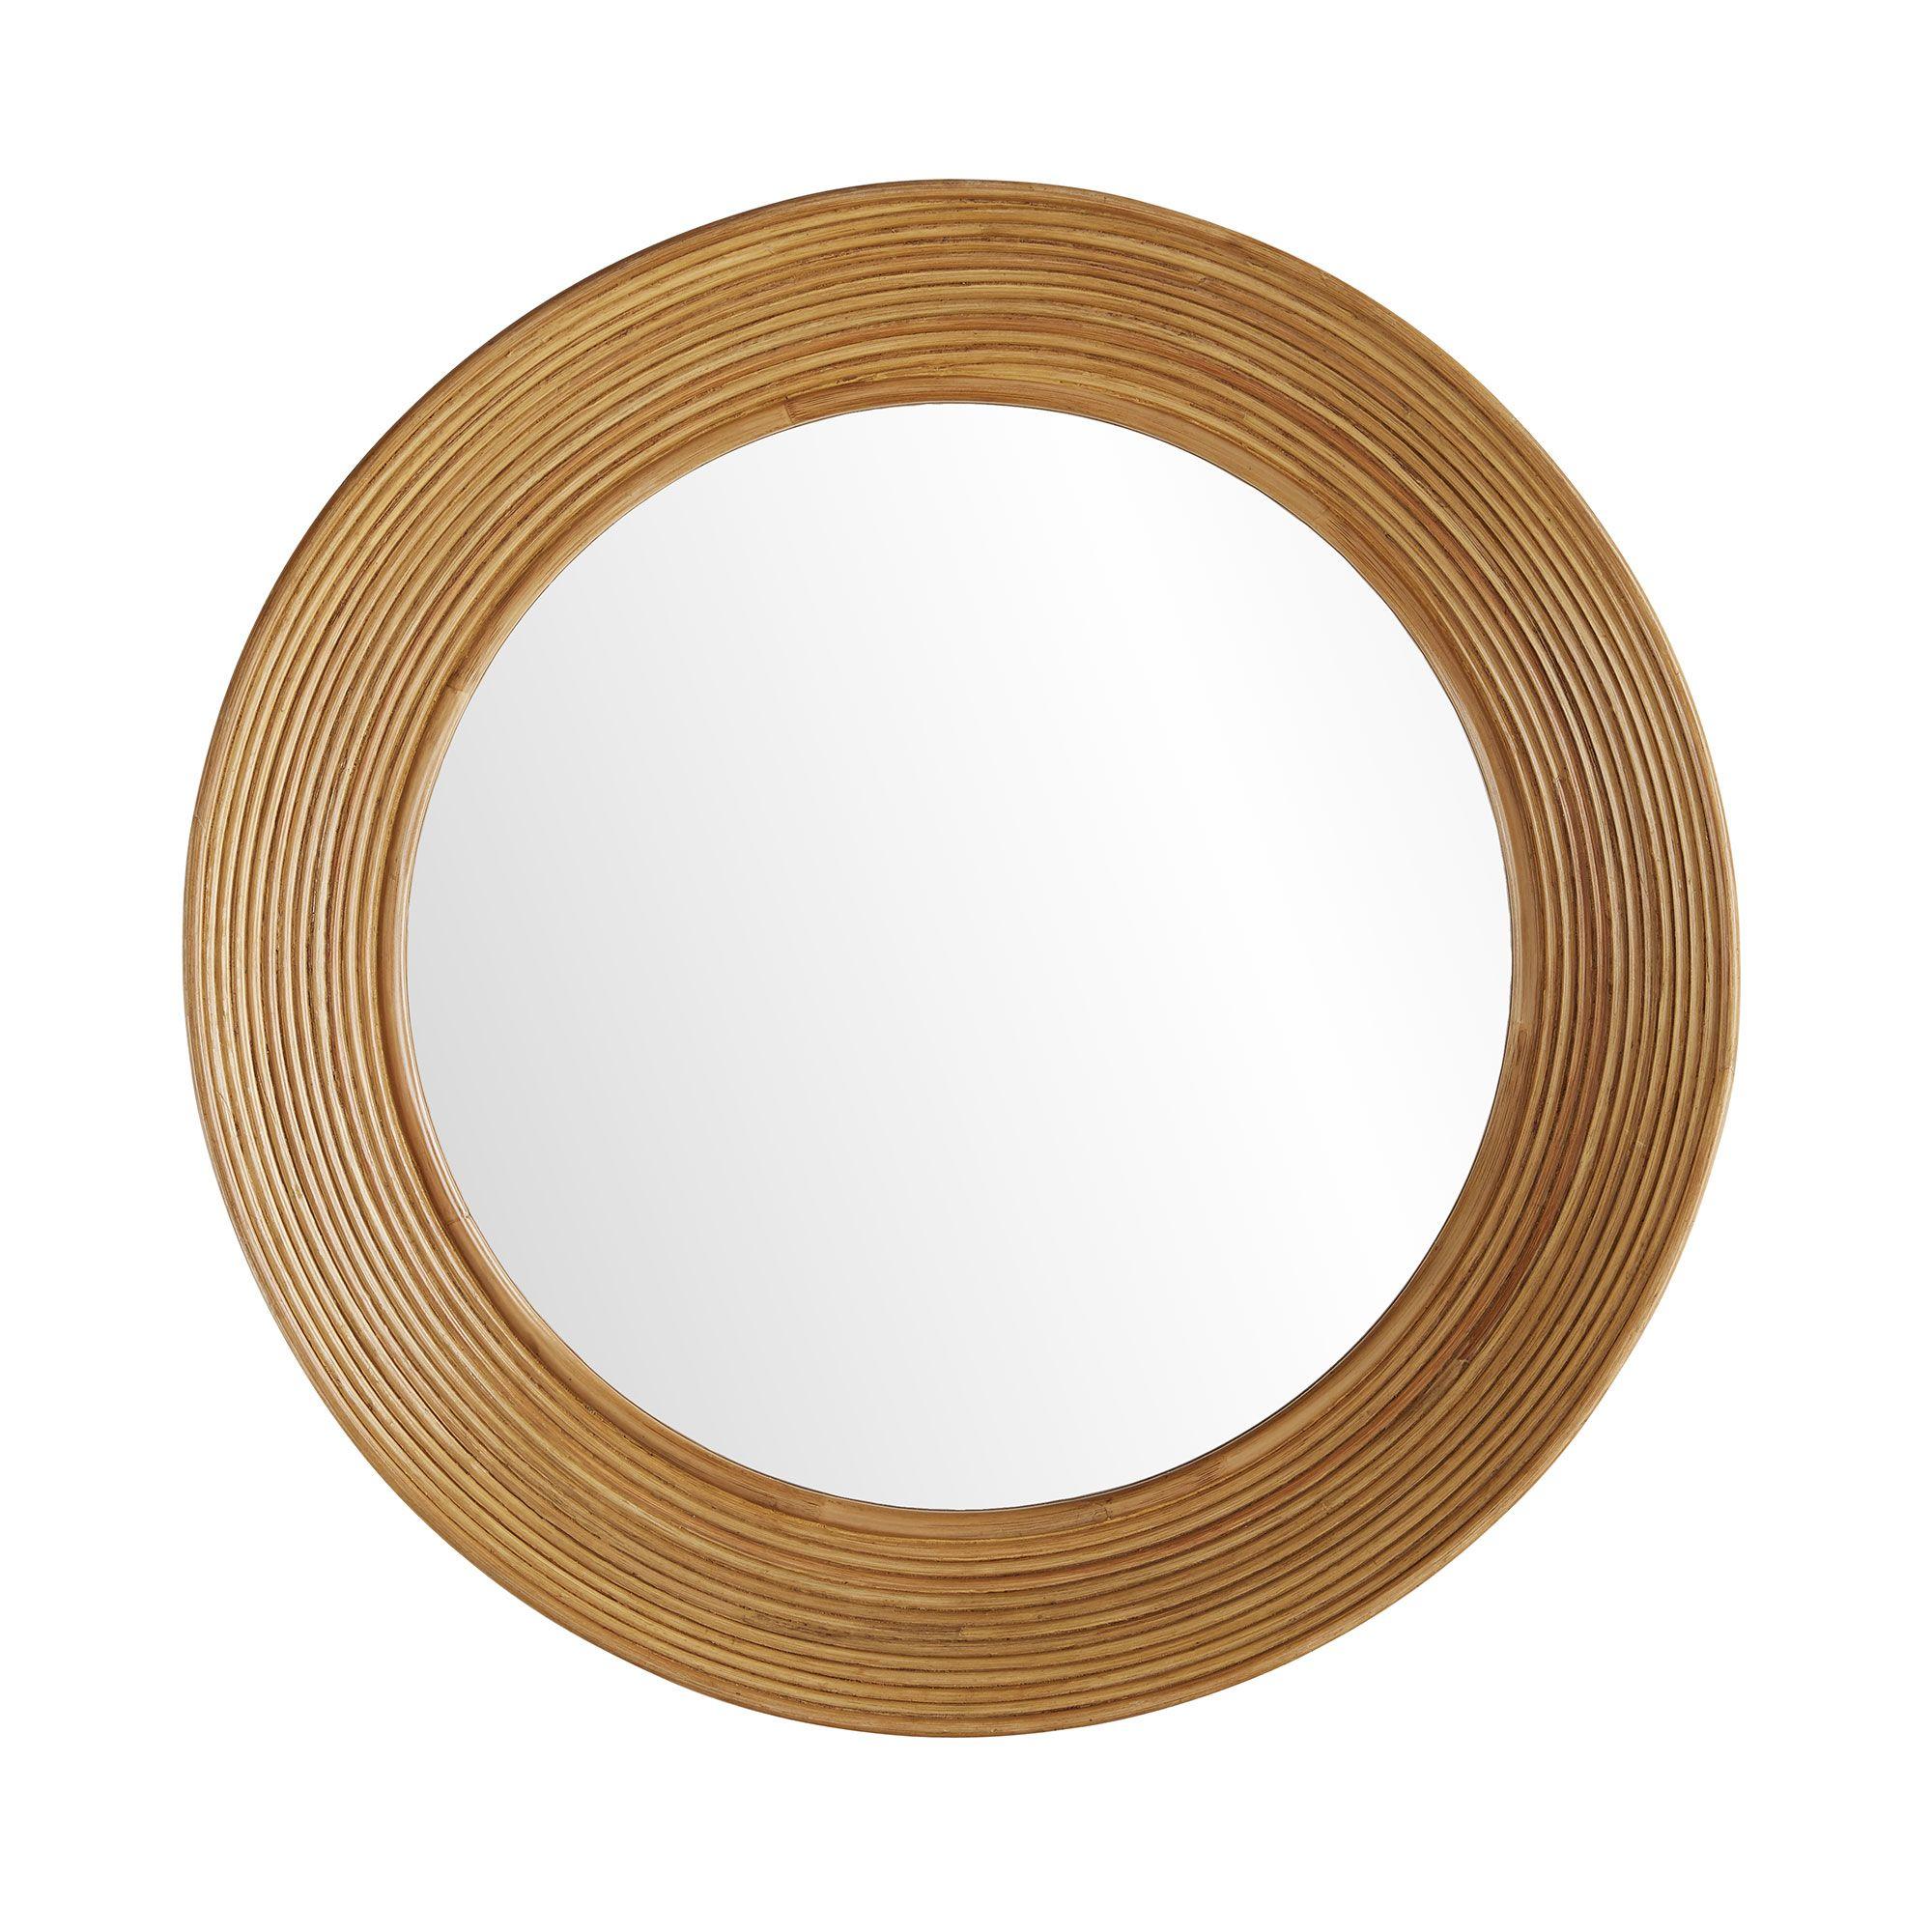 Hilldale Mirror